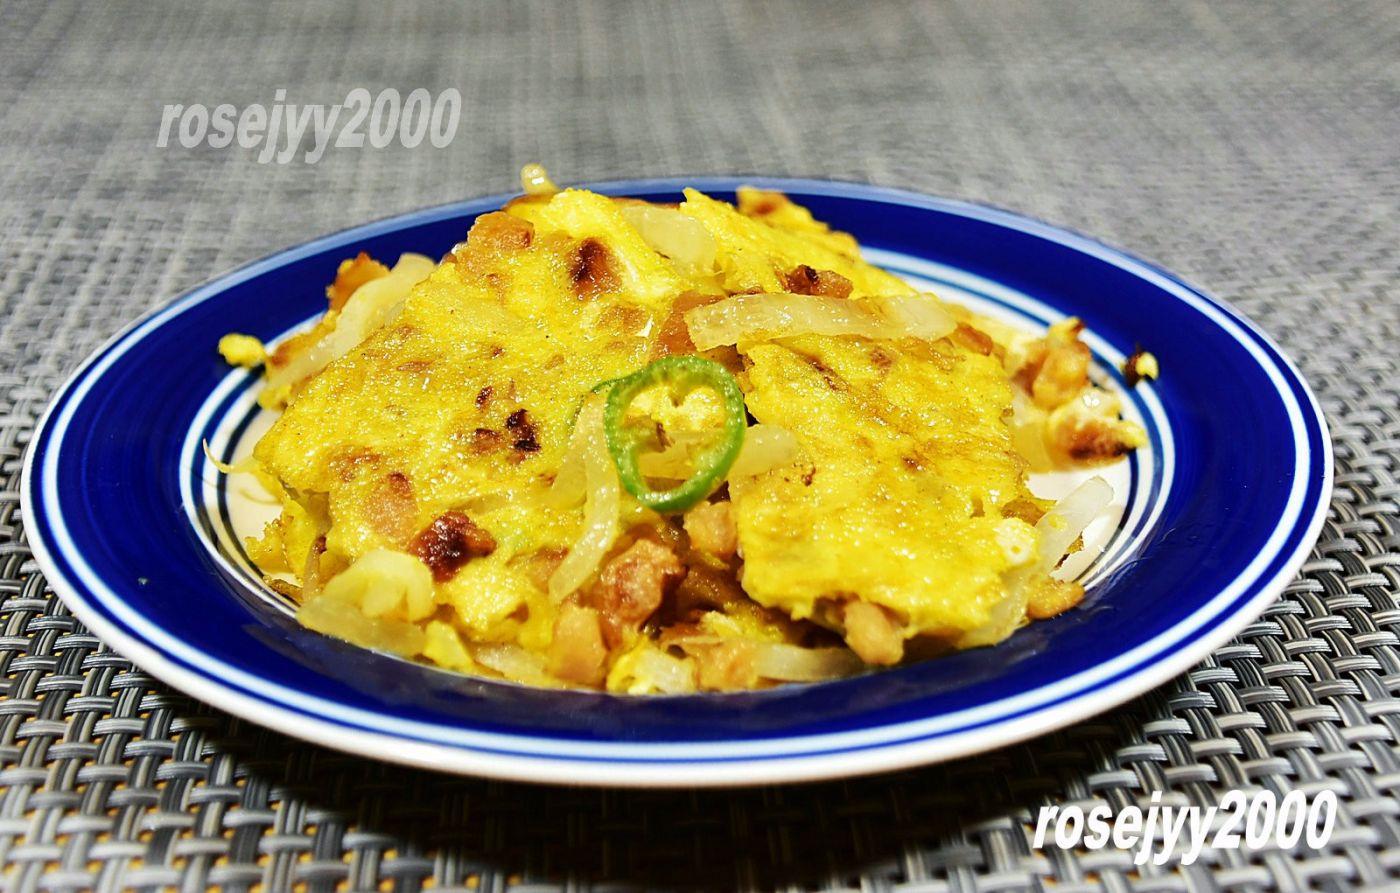 洋葱菜脯炒蛋_图1-1